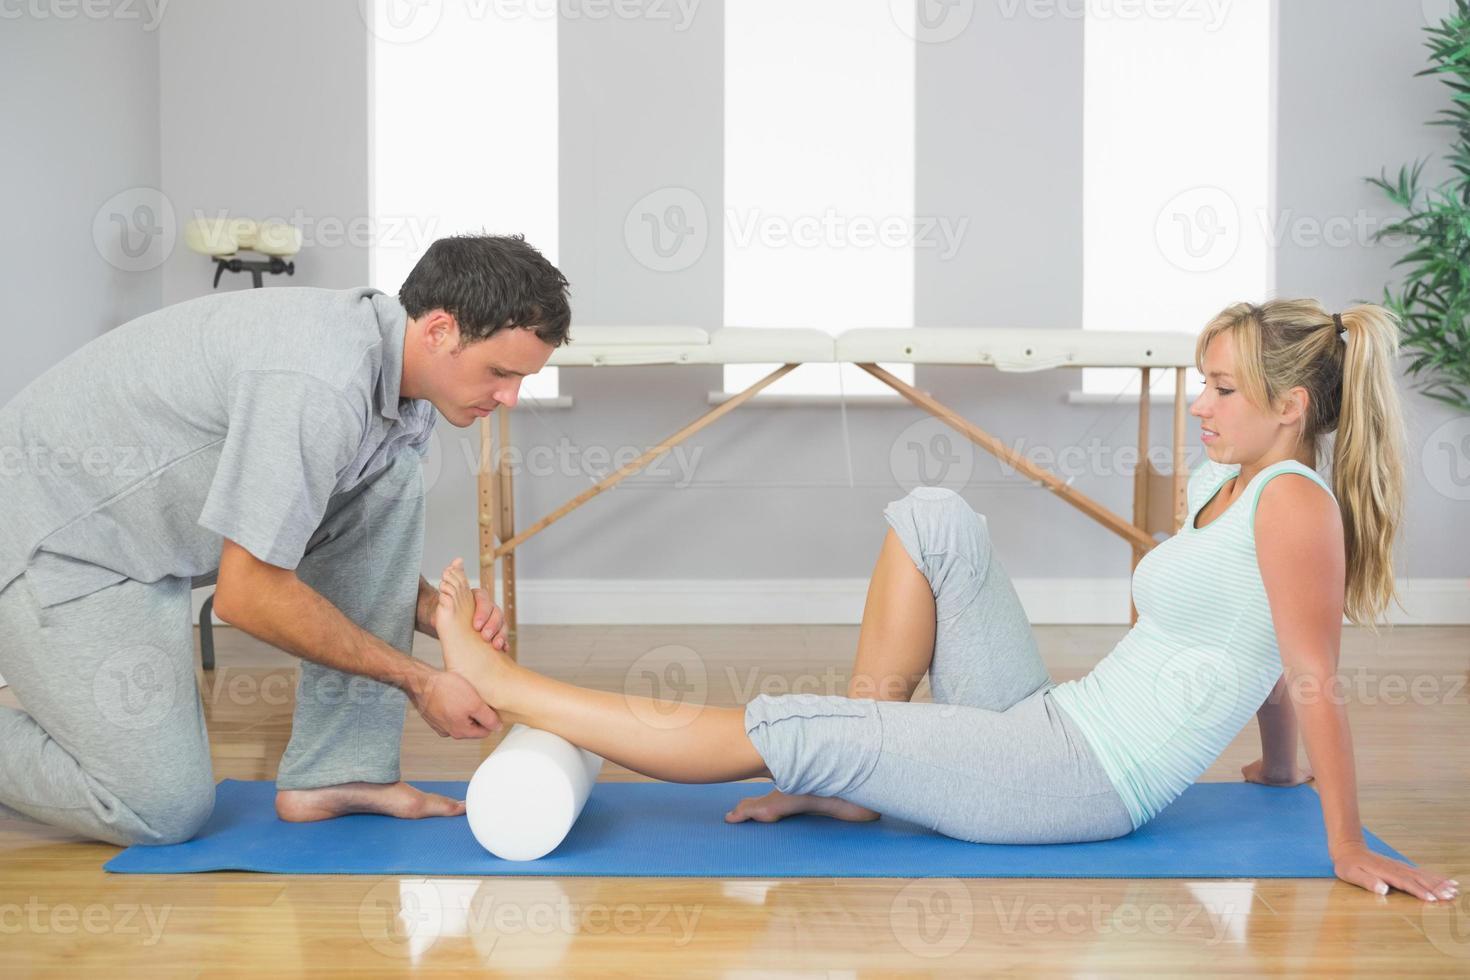 fisioterapeuta examinando pacientes pé enquanto está sentado no chão foto